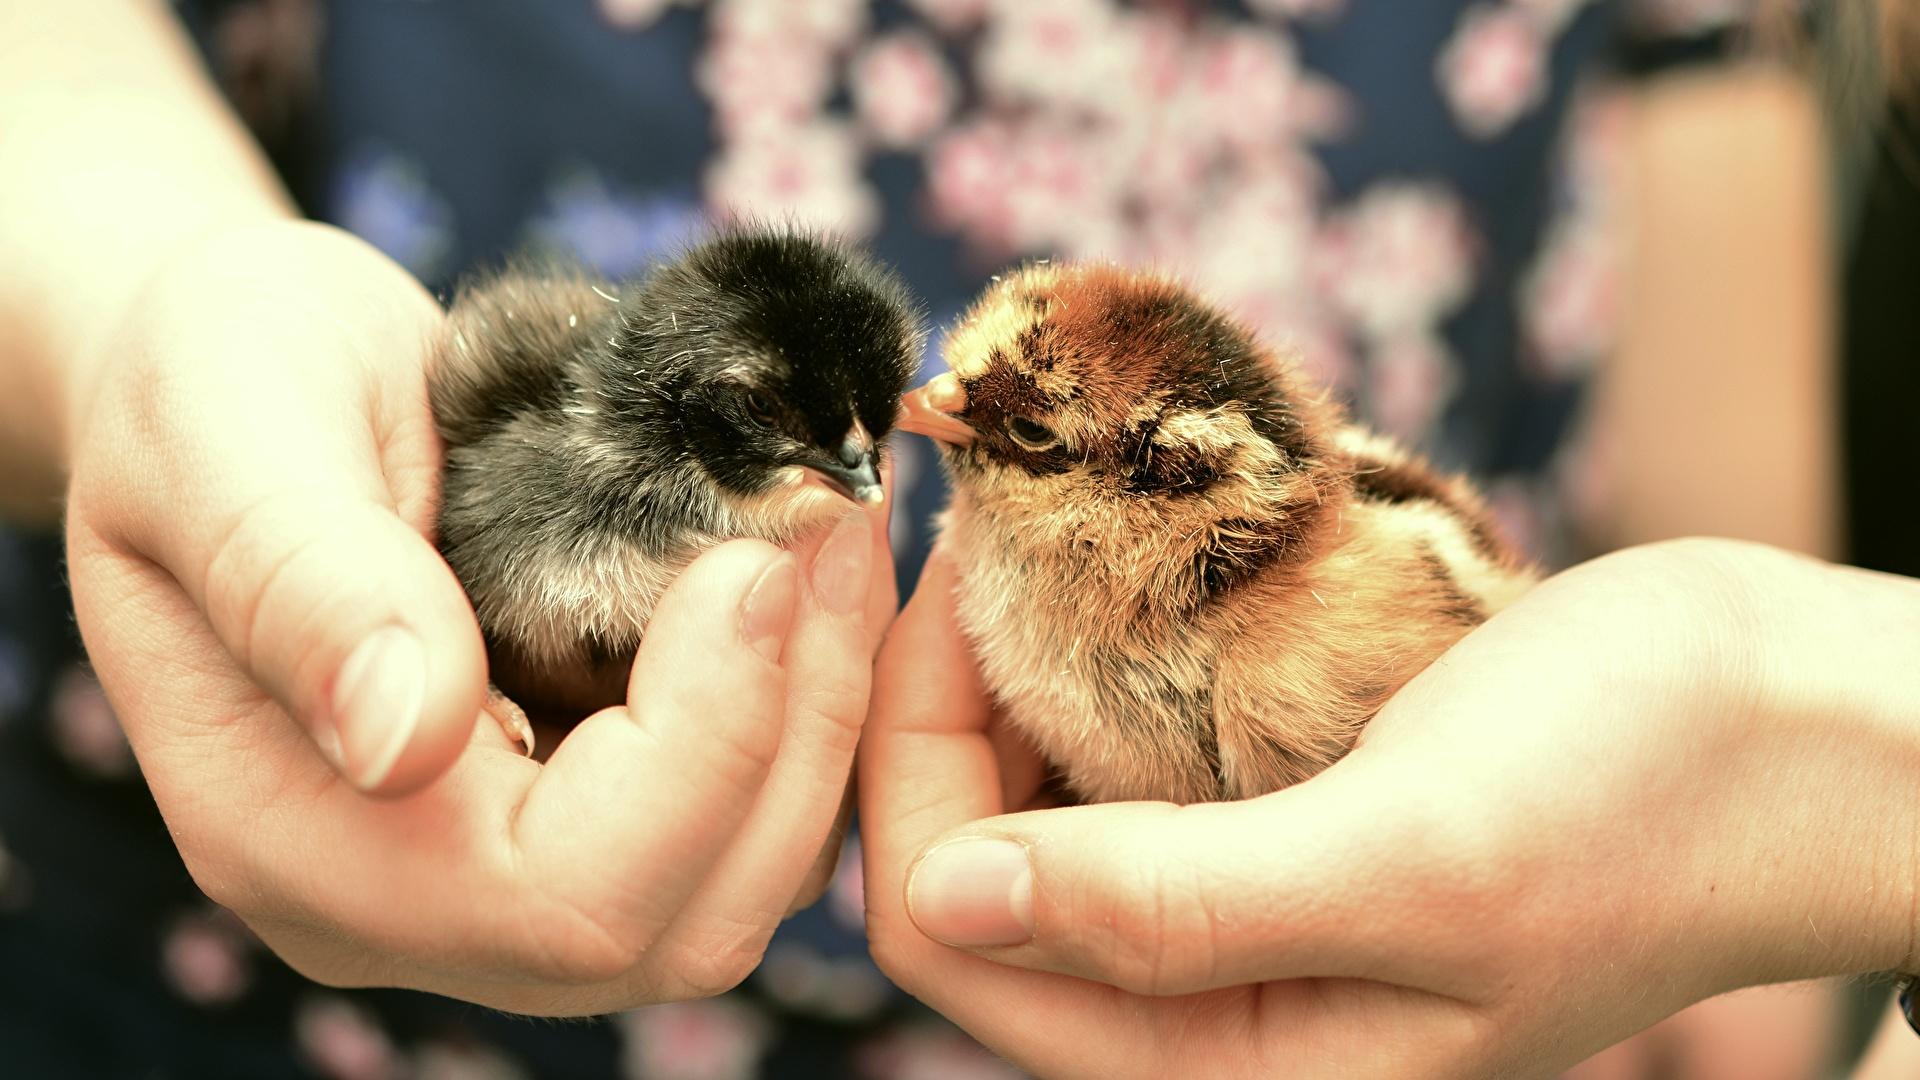 Bilder Hühner Hand Finger Tiere Großansicht 1920x1080